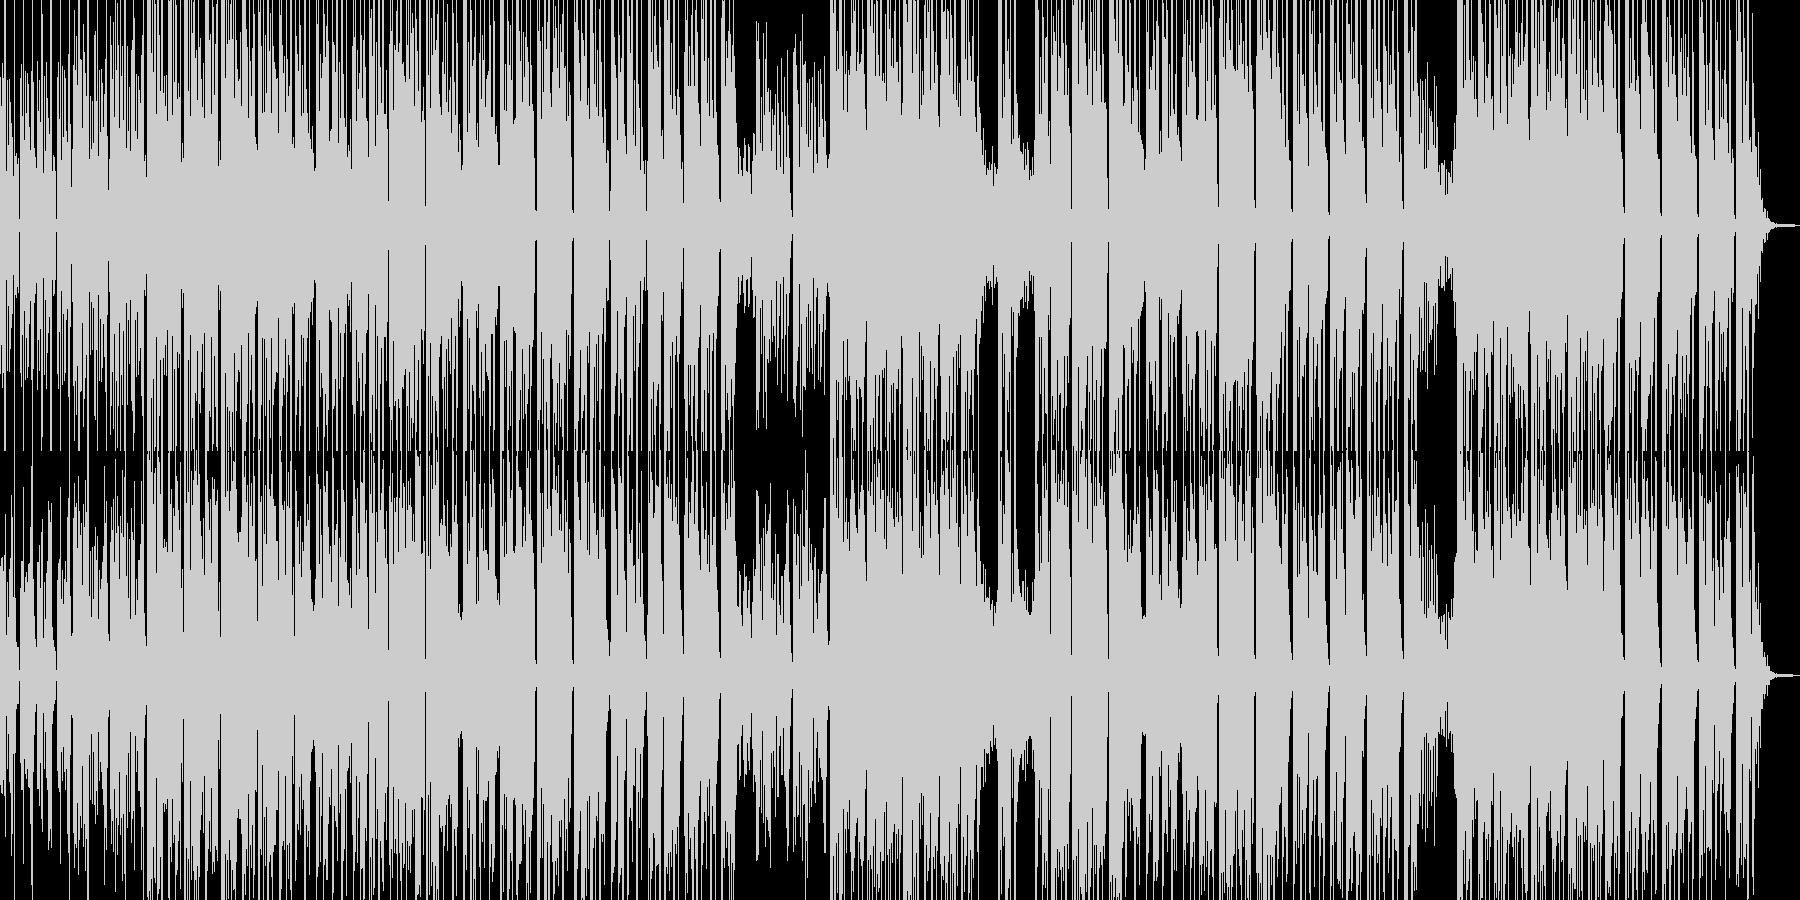 砂漠を感じるクールなエスニックBGM Aの未再生の波形